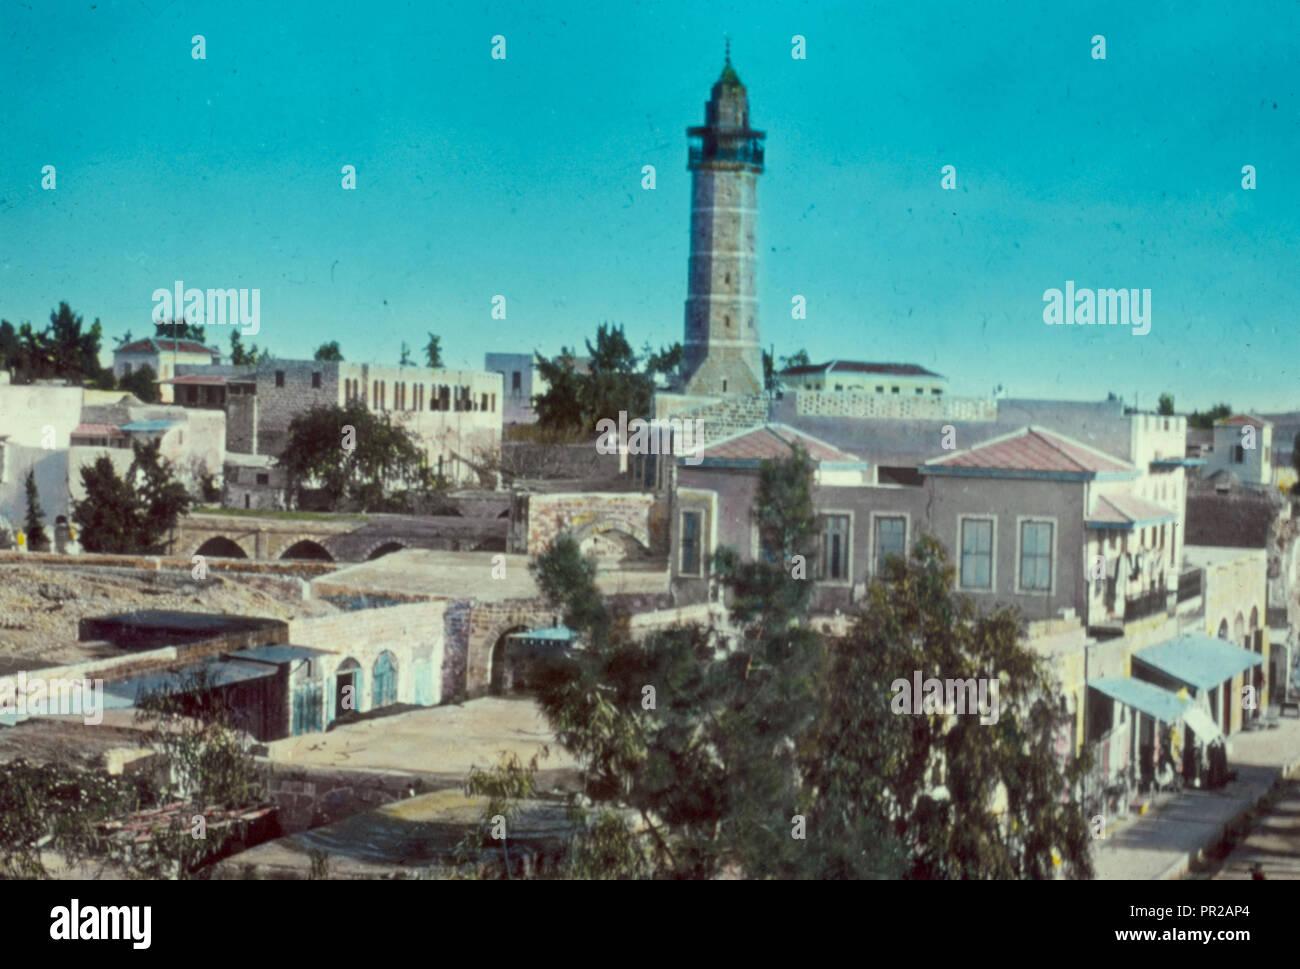 Sud della Palestina, Hebron Beersheba e area di Gaza. La striscia di Gaza, la sezione centrale. 1950, Striscia di Gaza Immagini Stock